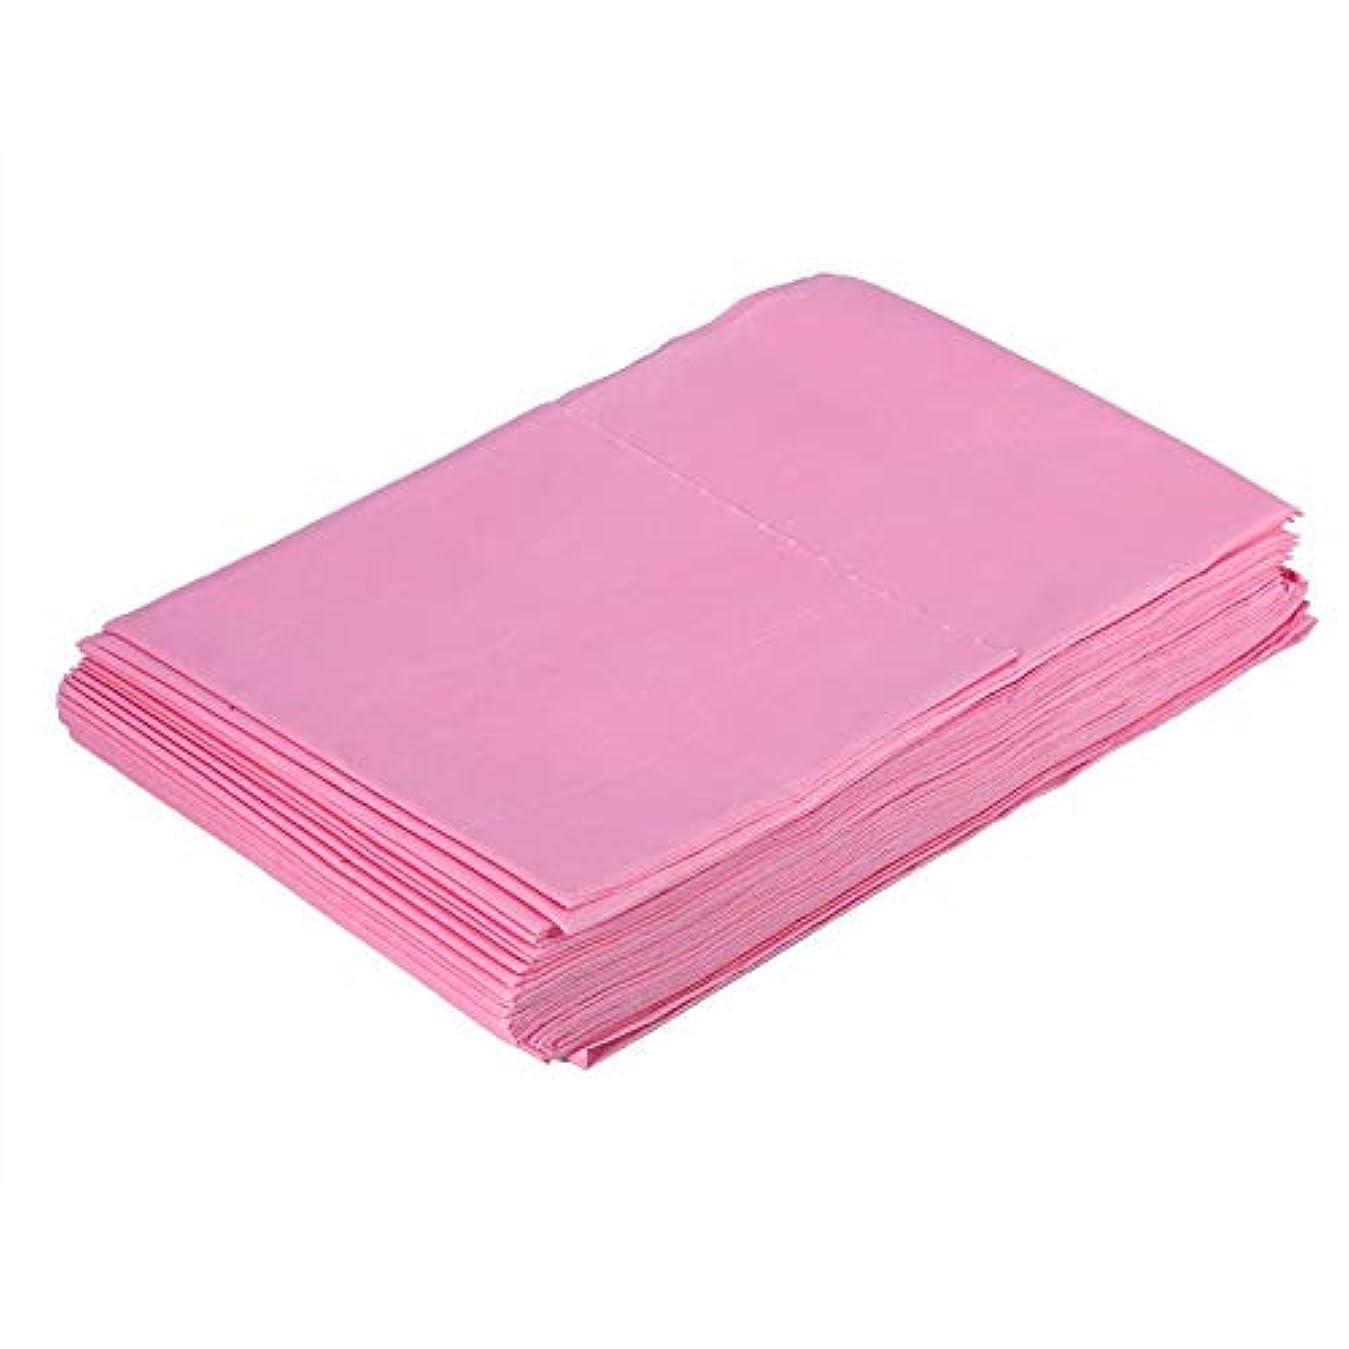 使い捨て防水シーツマッサージ美容カバー(ピンク)